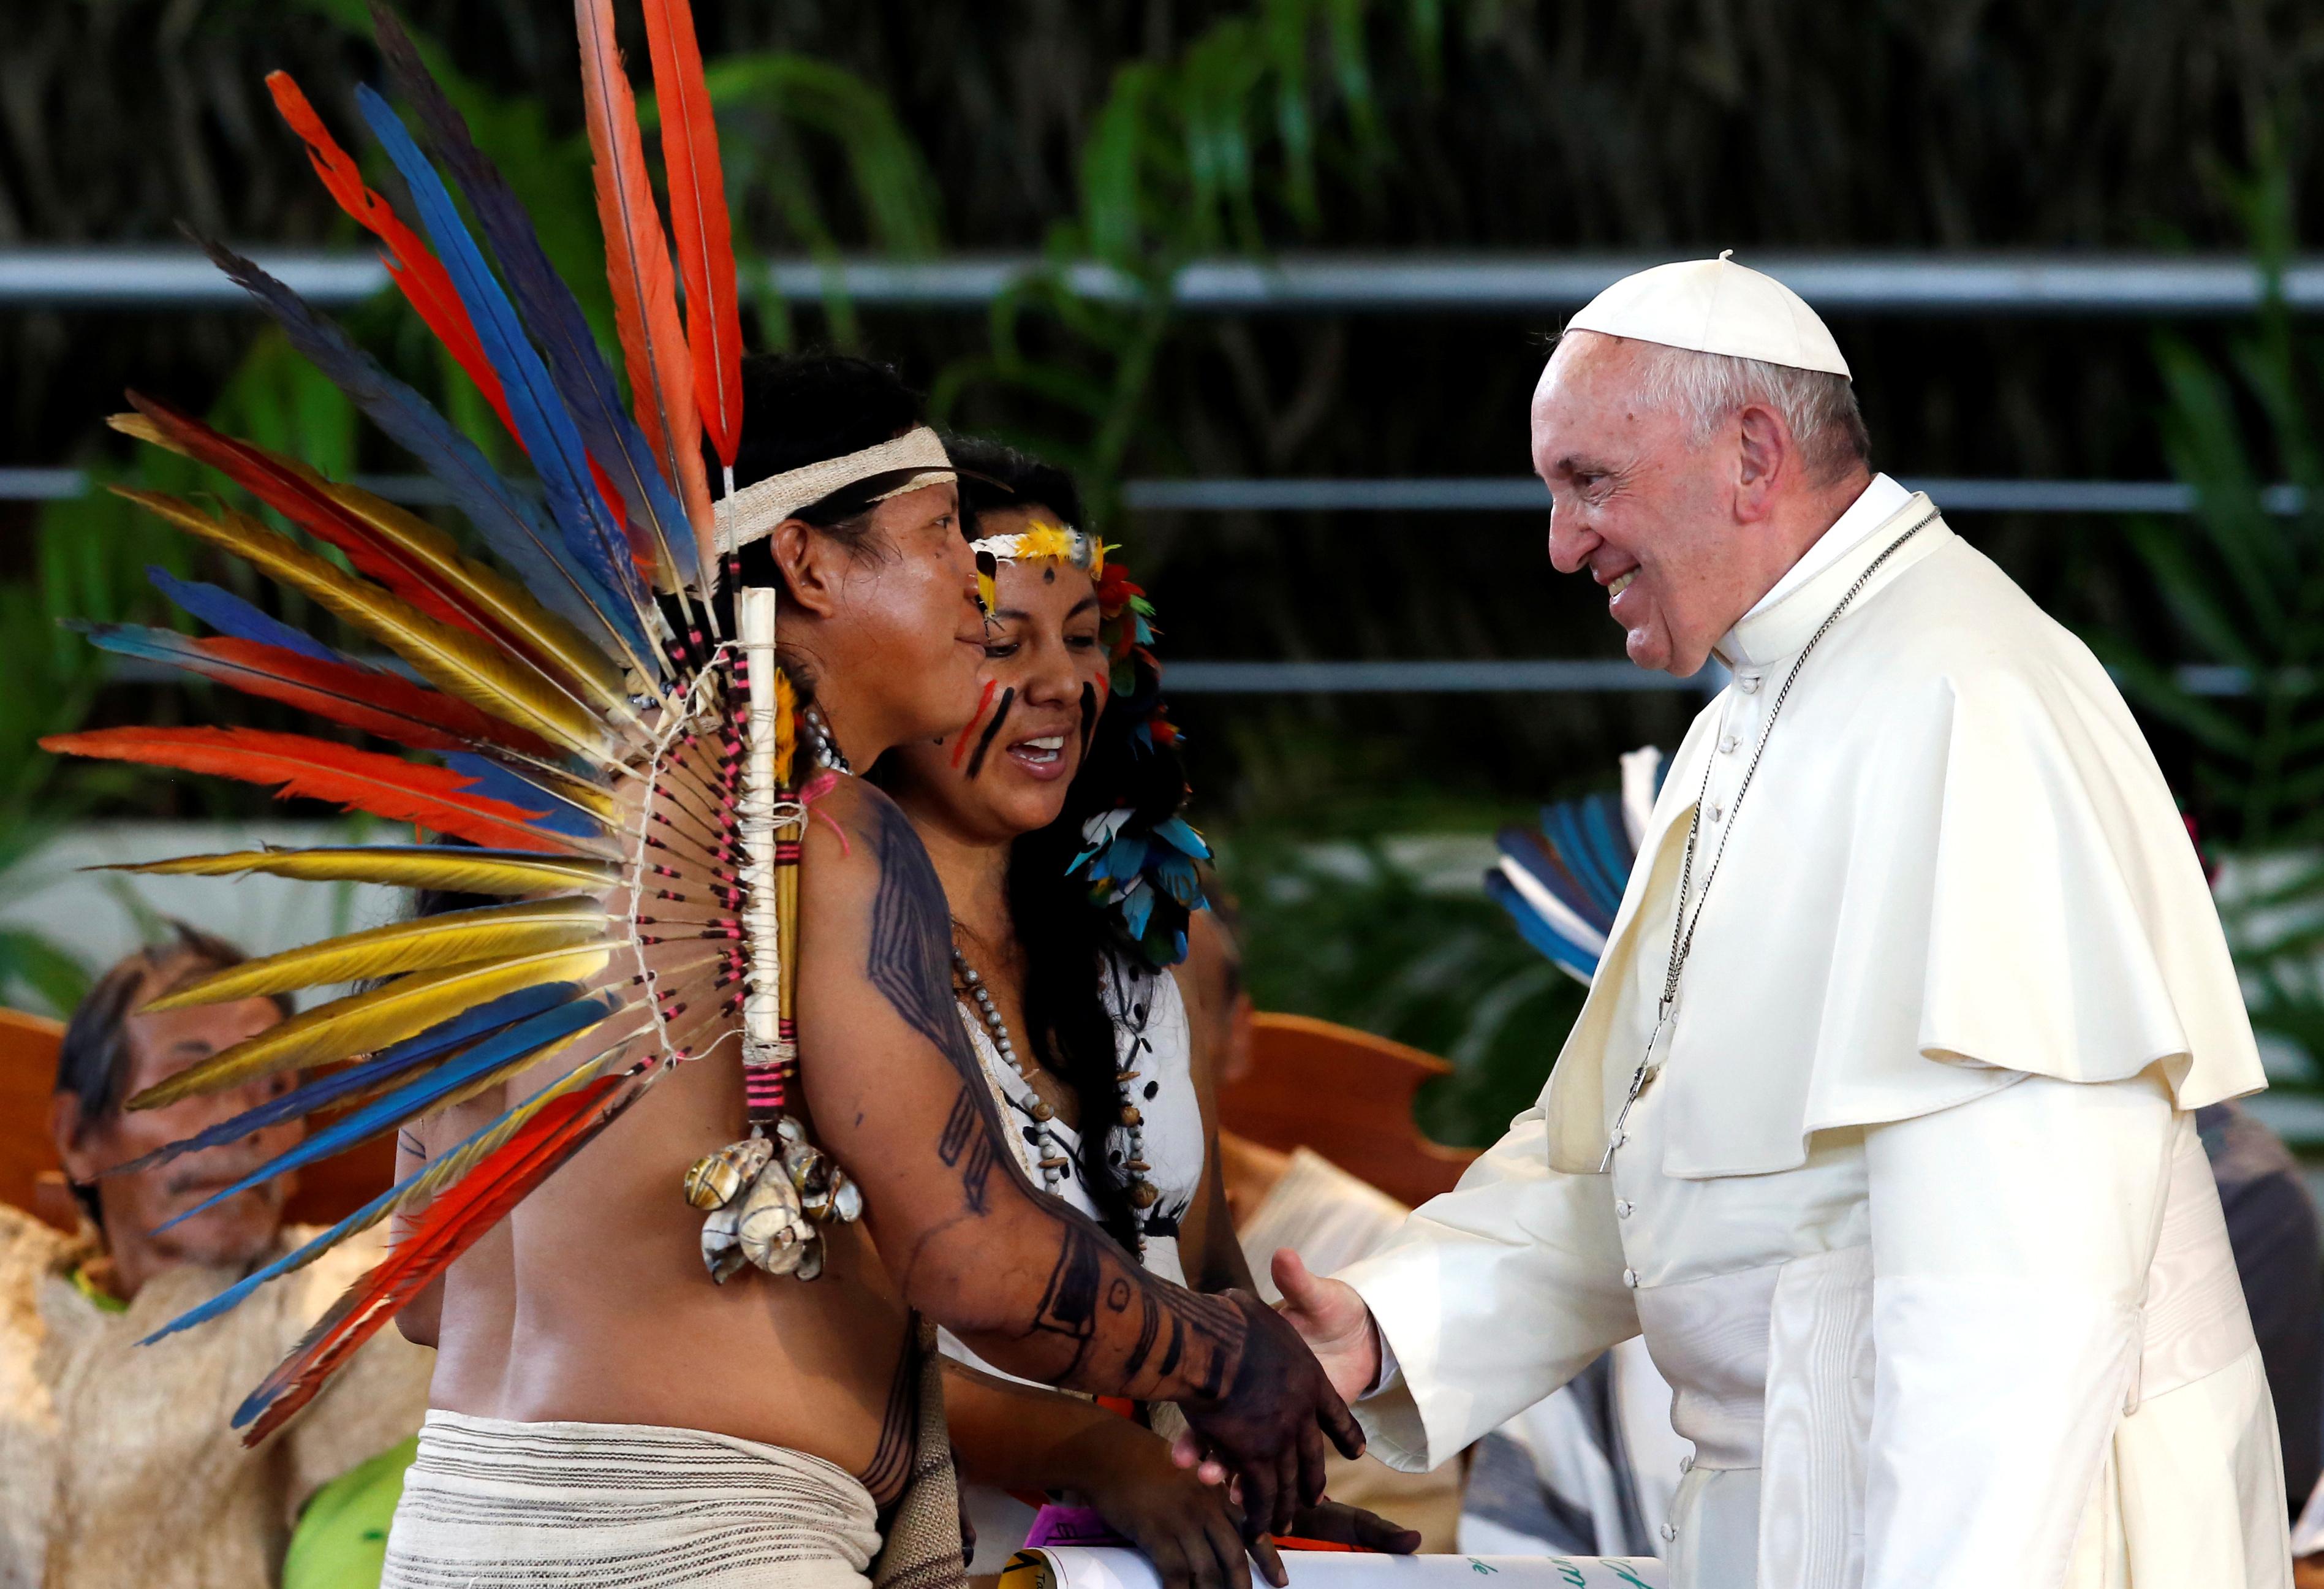 O Papa Francisco cumprimenta membros de um grupo indígena da região amazónica, no Coliseu Madre de Dios, em Puerto Maldonado, Peru. REUTERS / Henry Romero